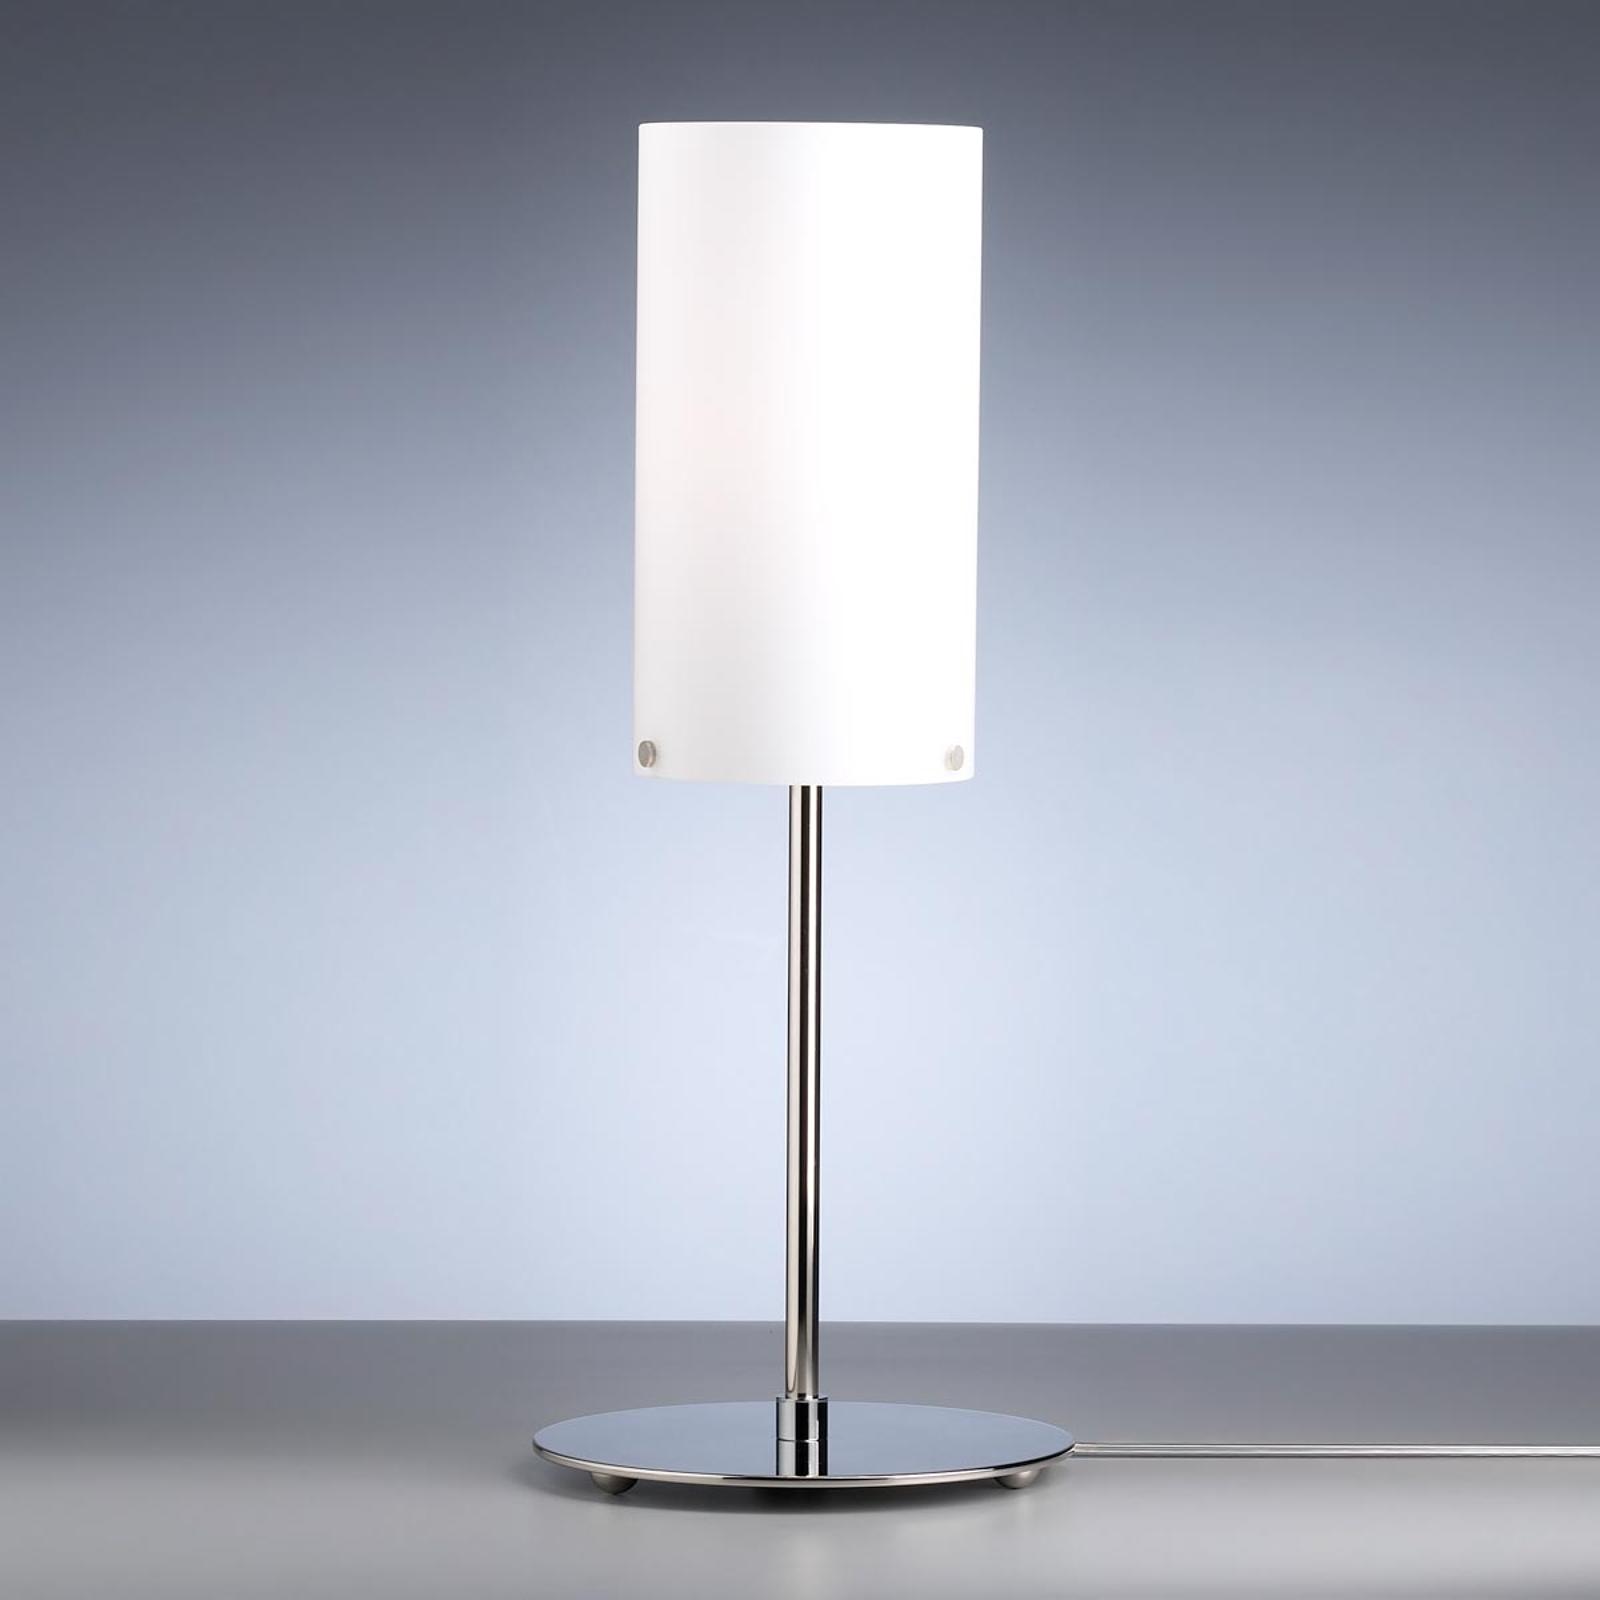 Sylinderformet bordlampe fra Walter Schnepel